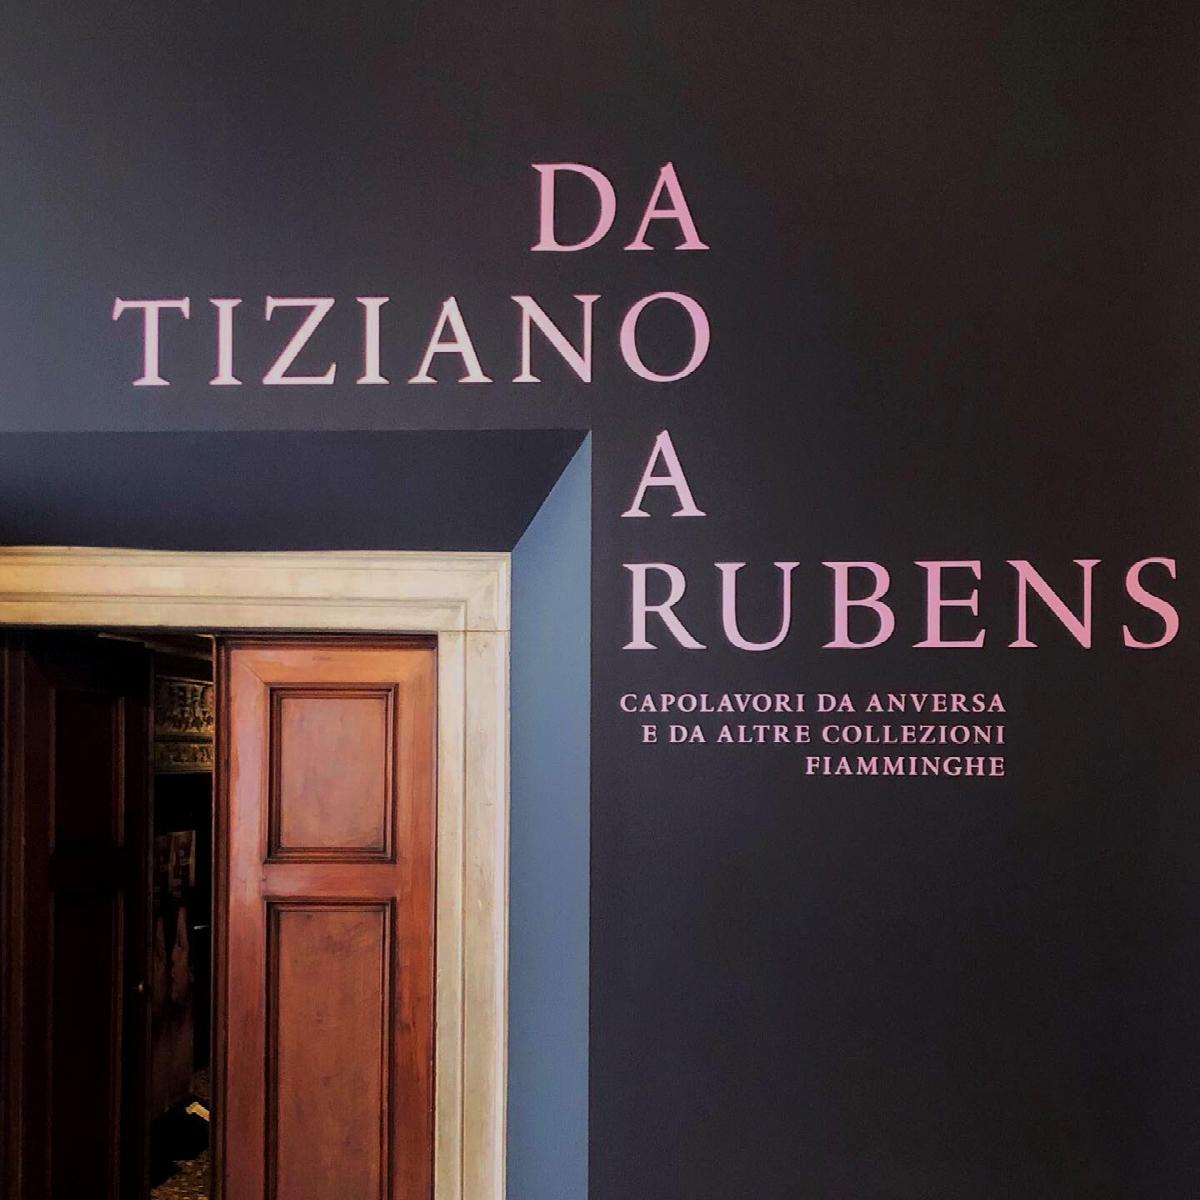 Da-Tiziano-a-Rubens-003